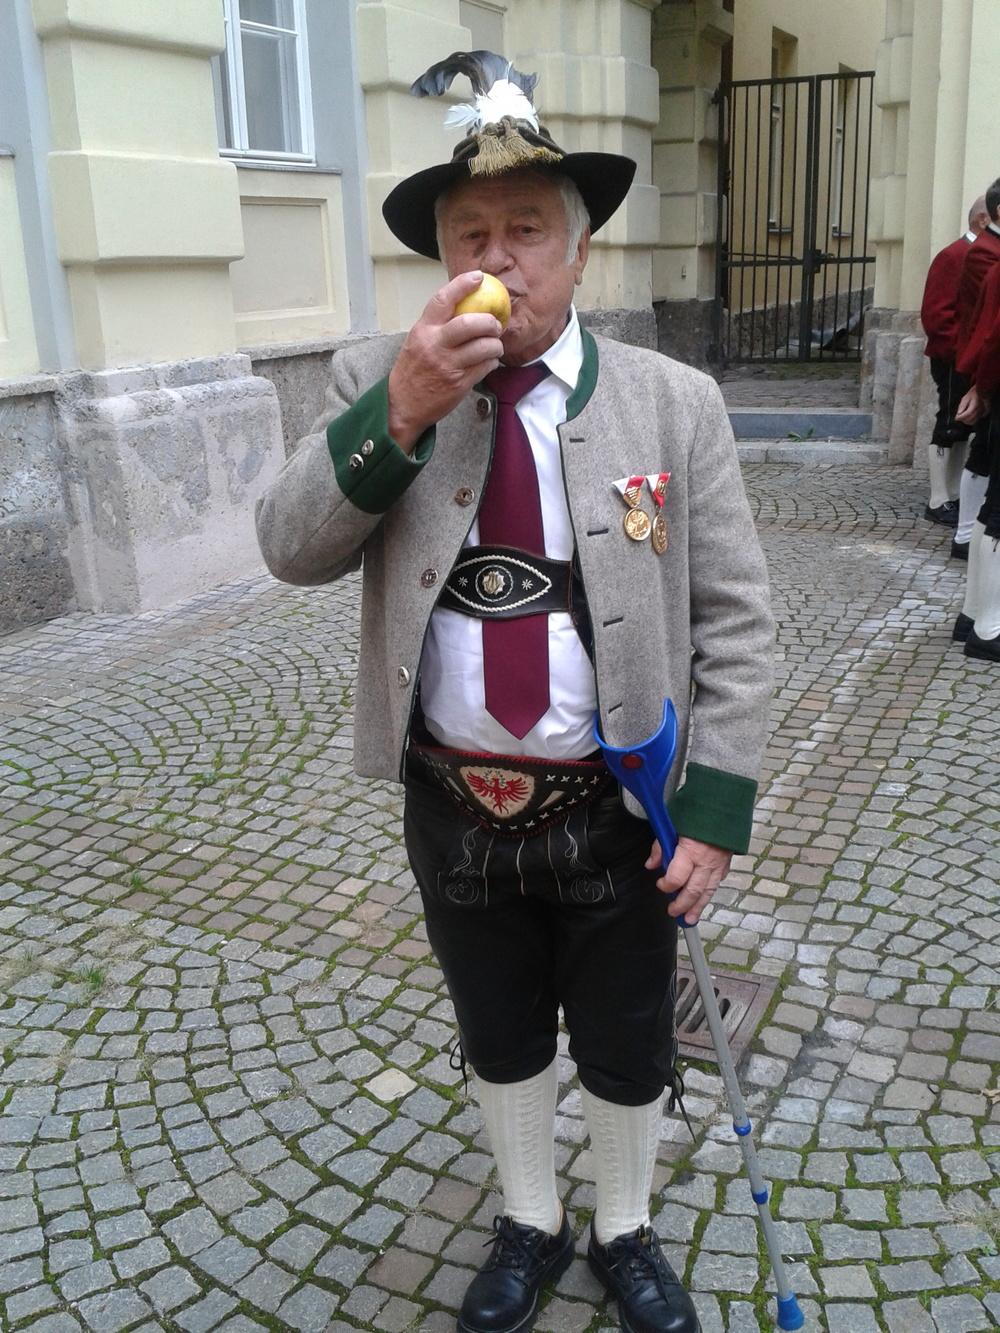 Unserem Werner schmeckt die Blasmusik immer noch ganz guat!